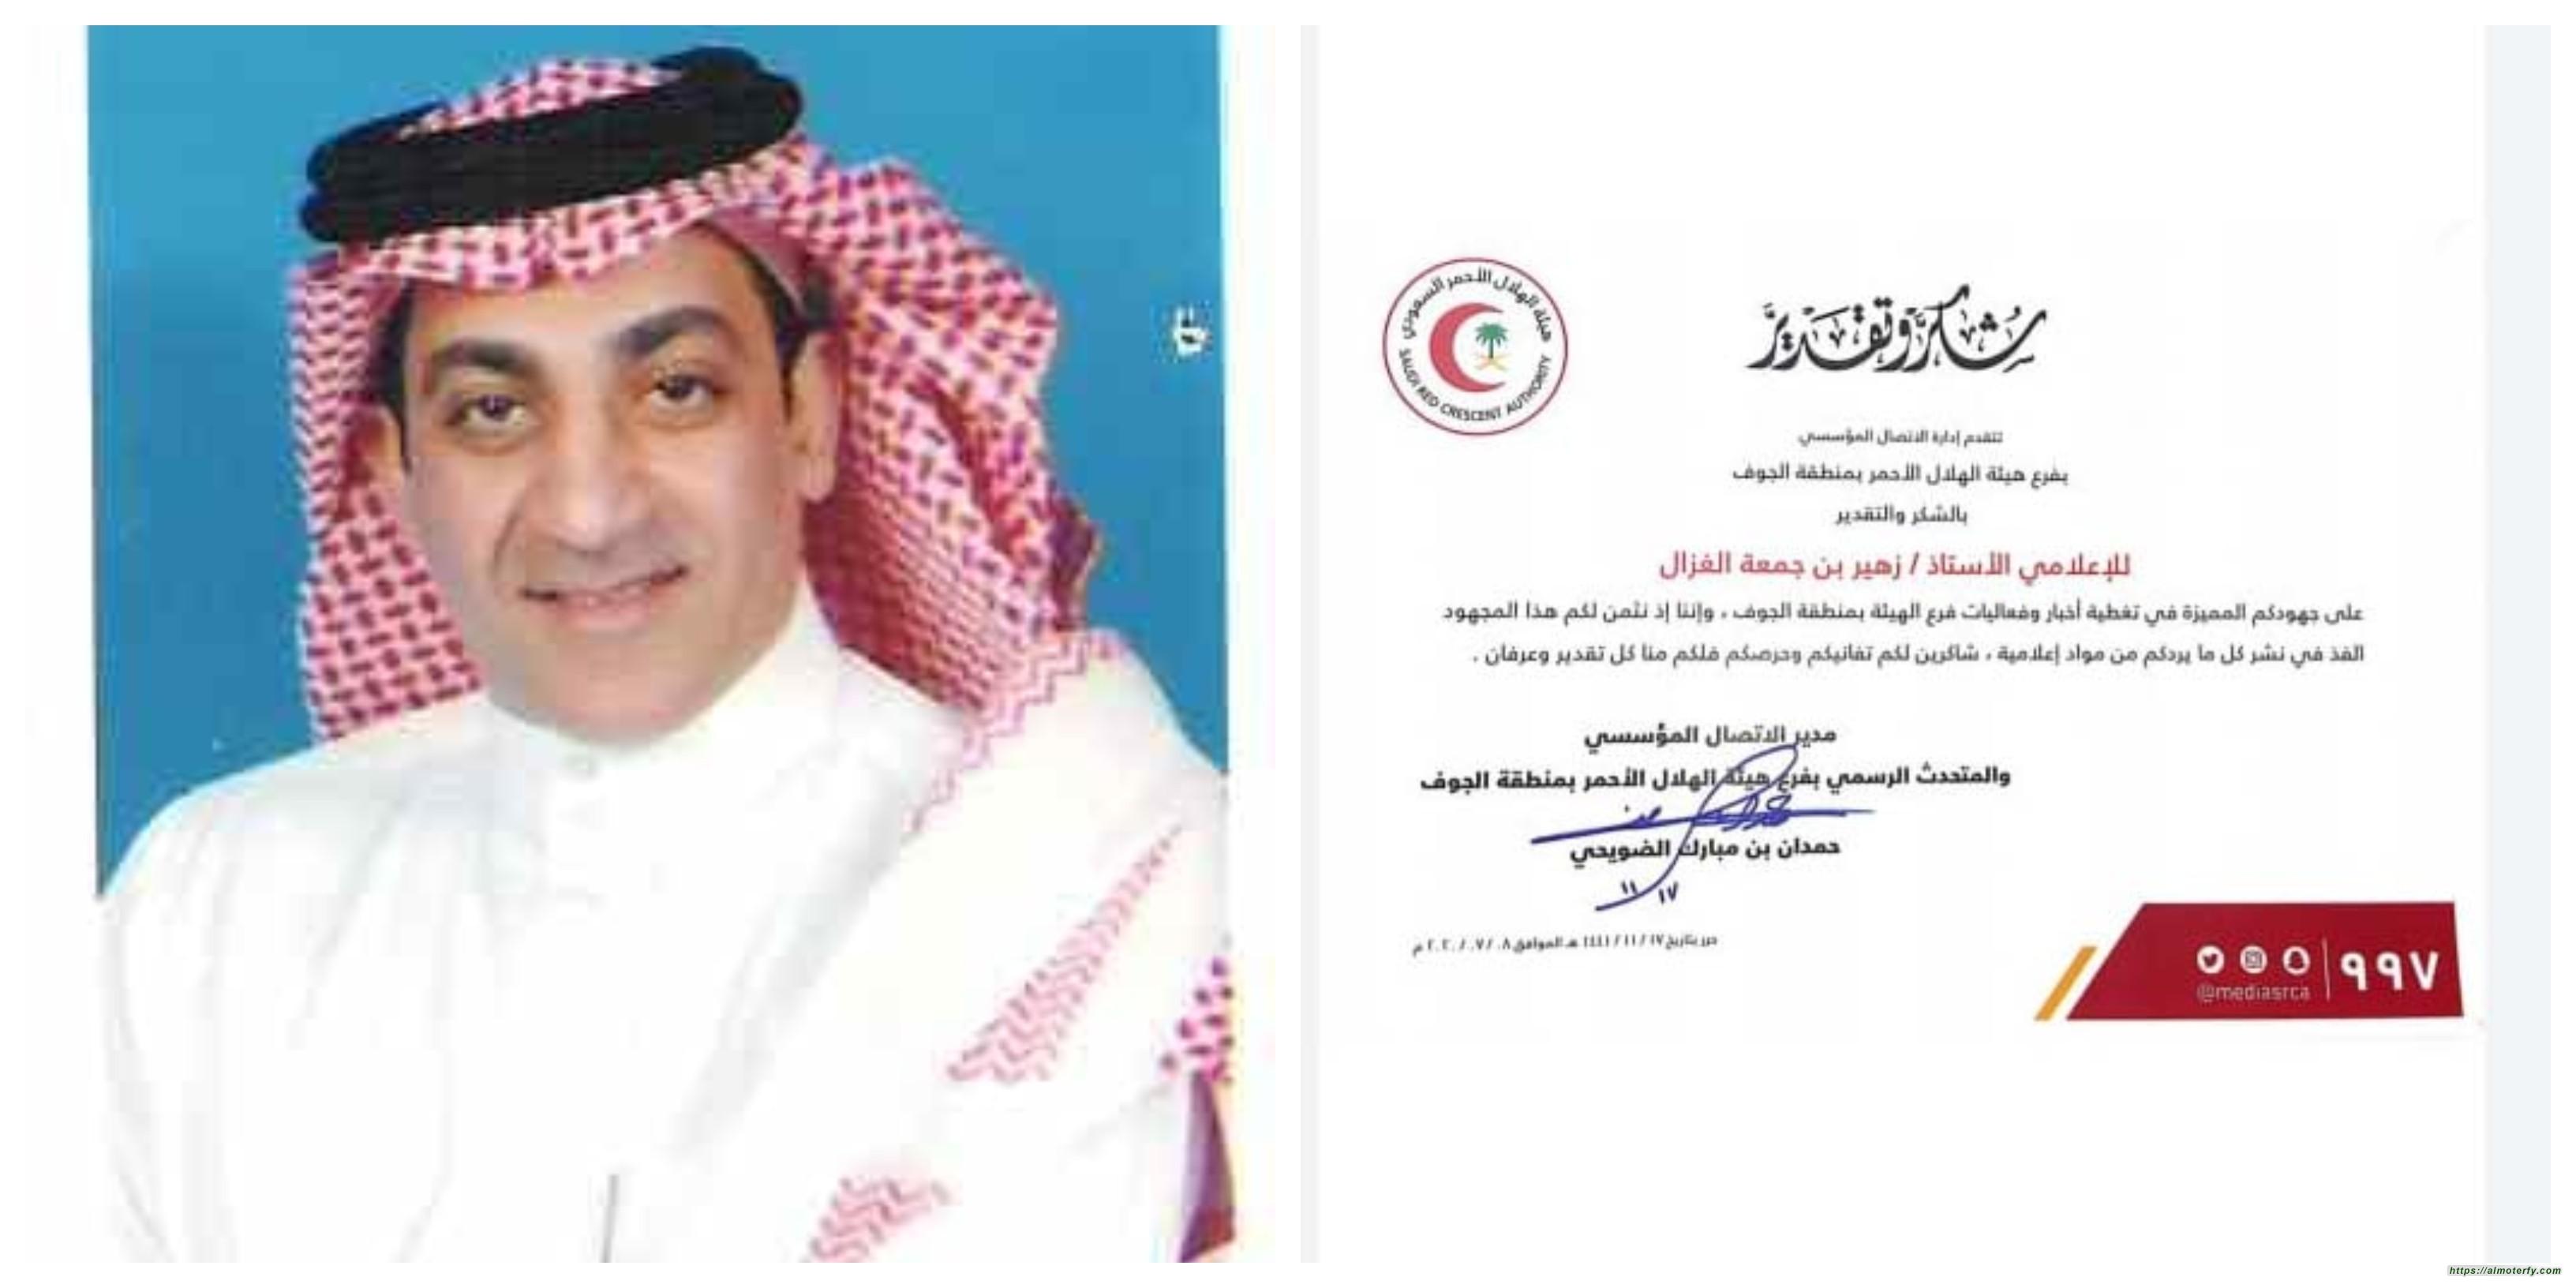 هيئة الهلال الأحمر السعودي بالجوف تكرم الزميل الإعلامي زهير الغزال